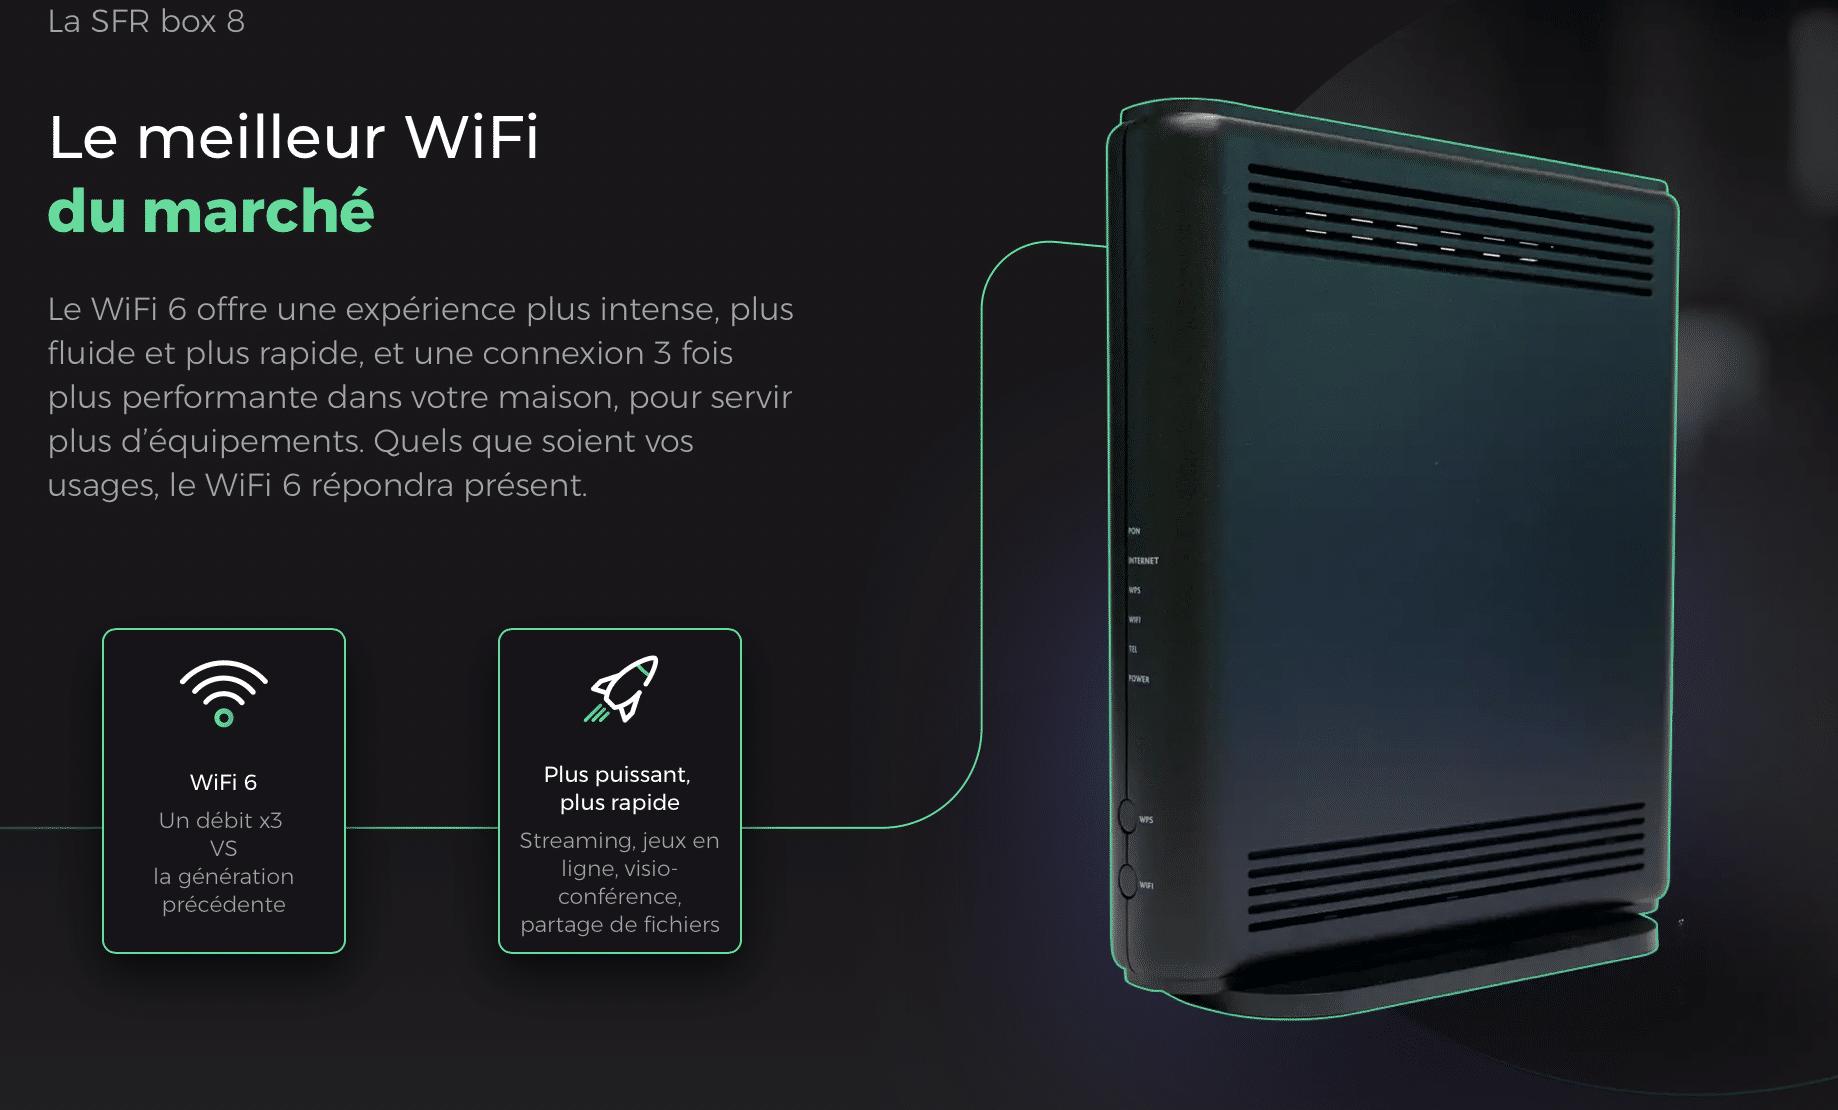 SFR Box 8 Internet